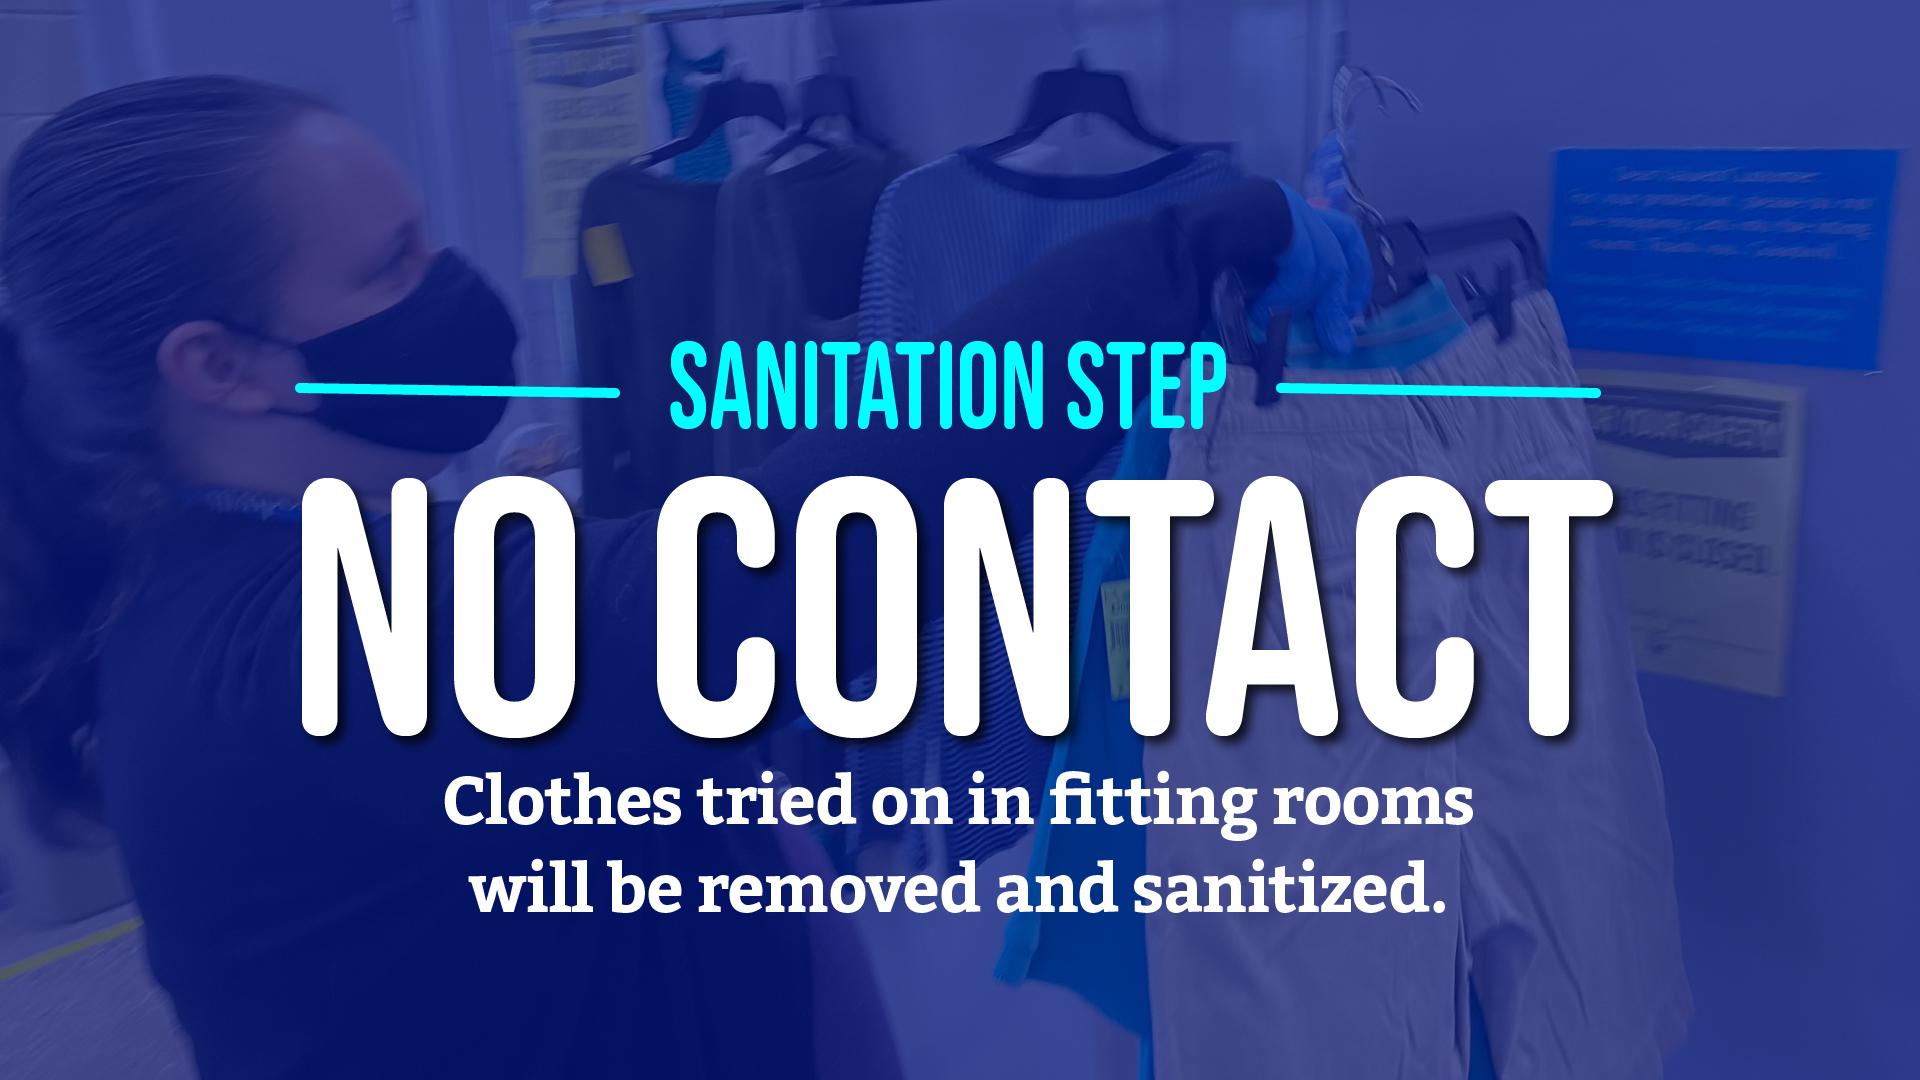 1920x1080-Sanitation-Step_No-Contact_Us_2